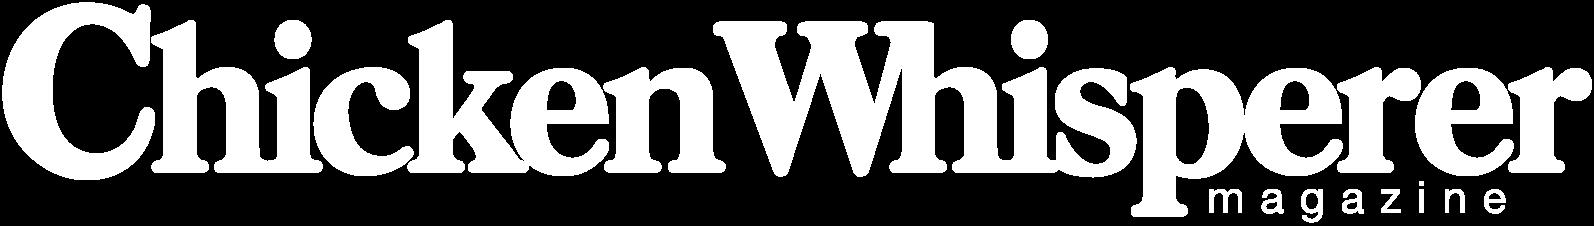 ChickenWhisperer_logo-allwhite-01.png